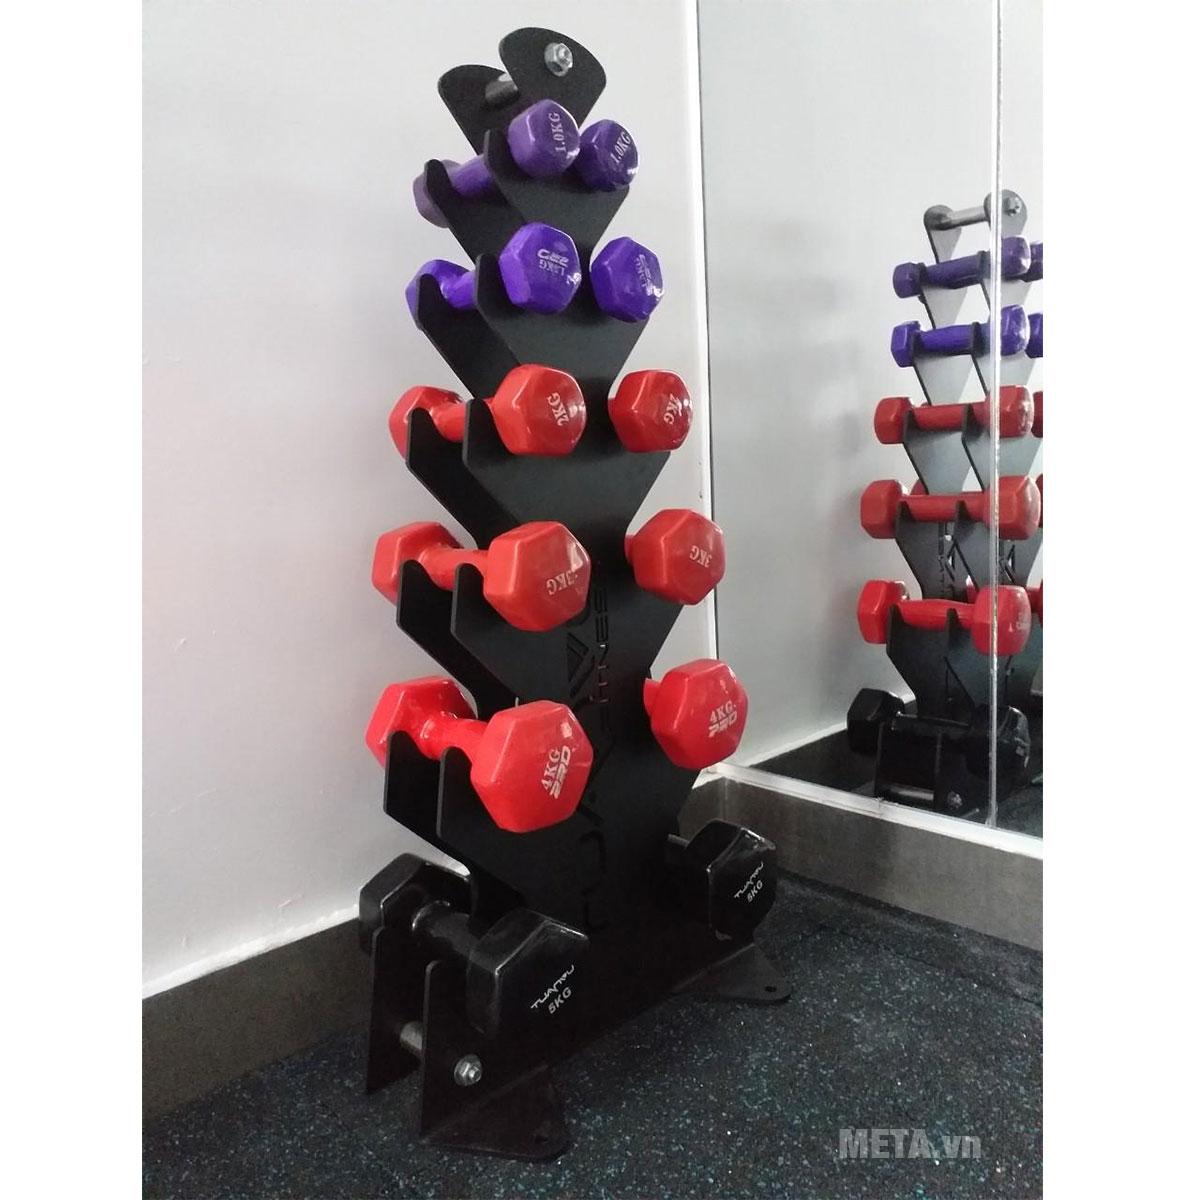 Giá để tạ mini TV6012A dùng cho phòng gym